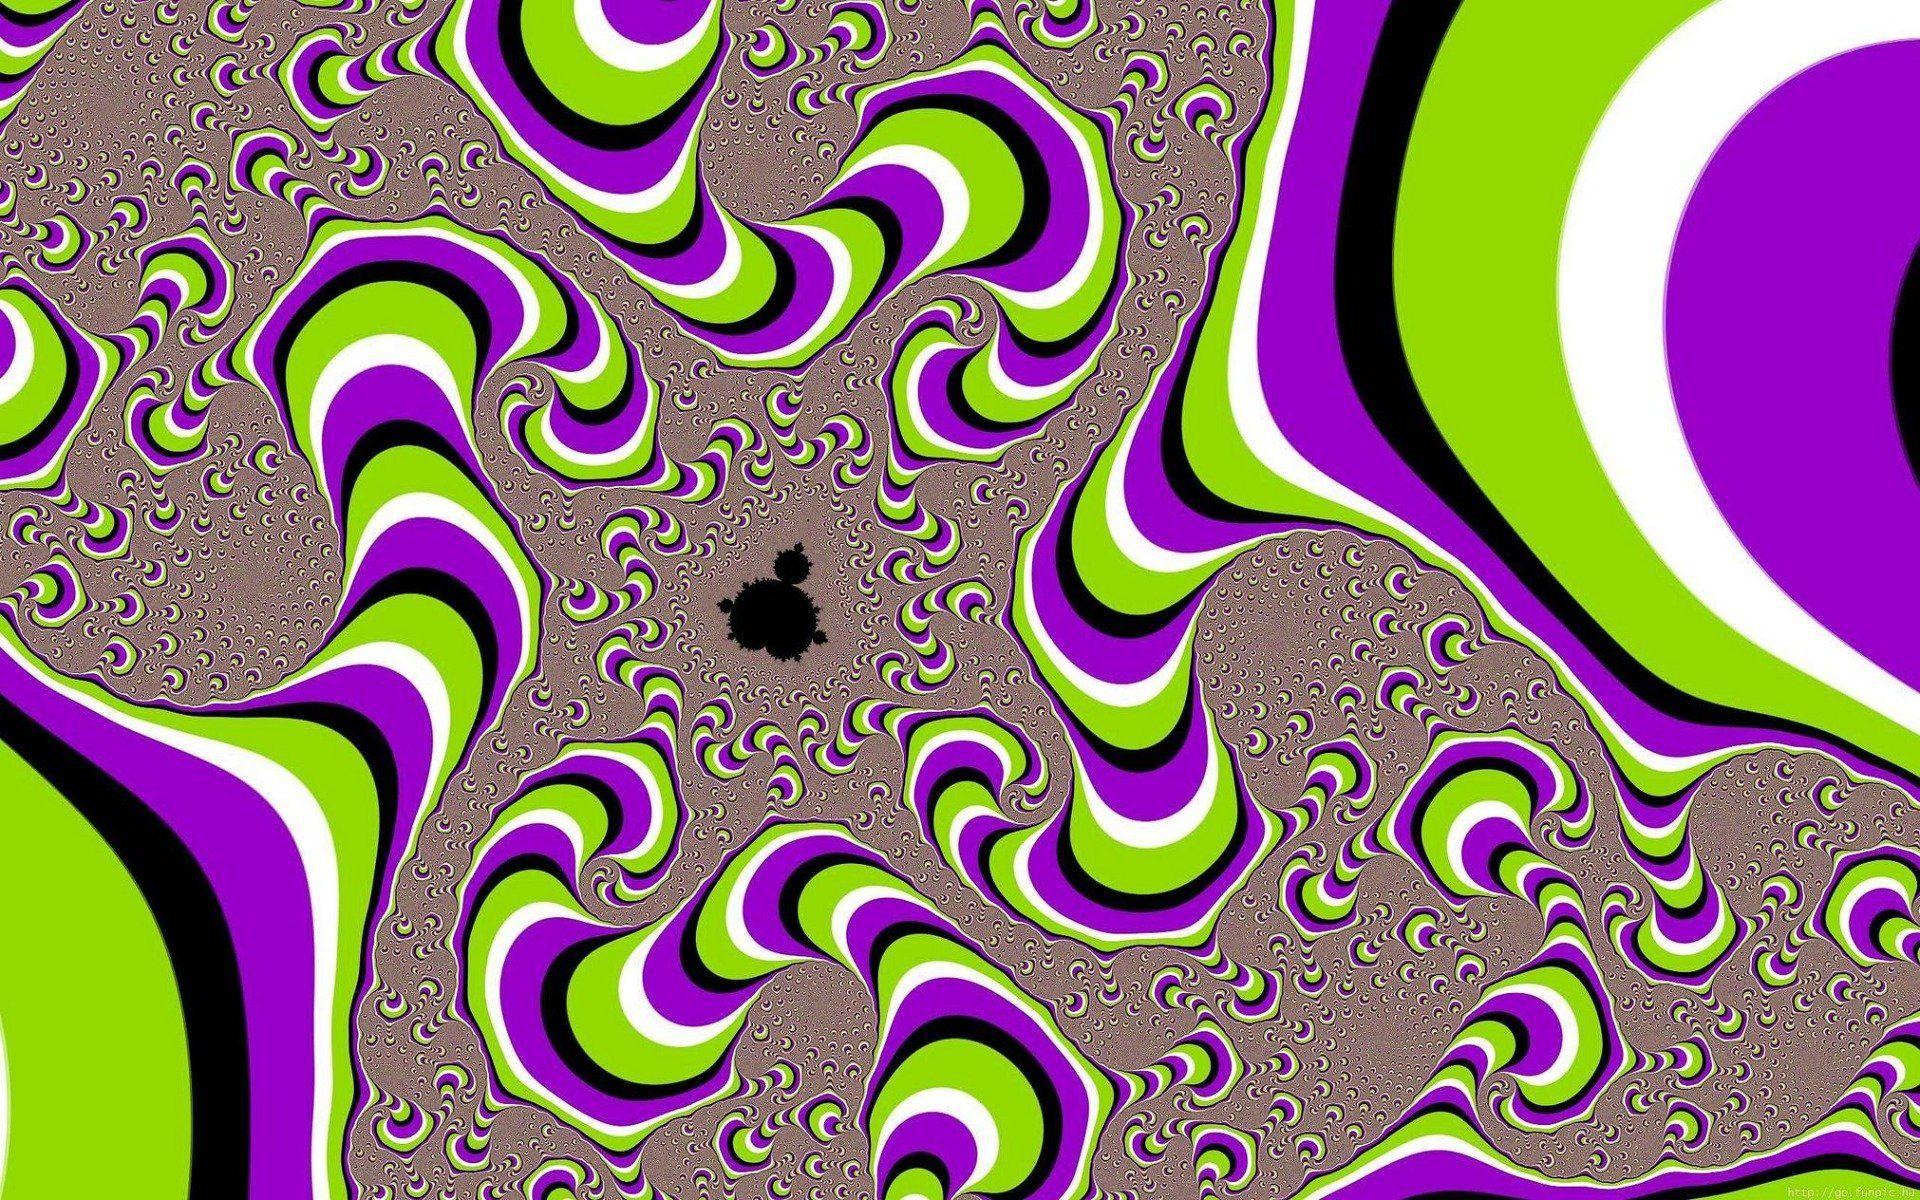 Moving Trippy Wallpapers   Moving Trippy Wallpapers   Tattoo ideas ... 0f9cd642094